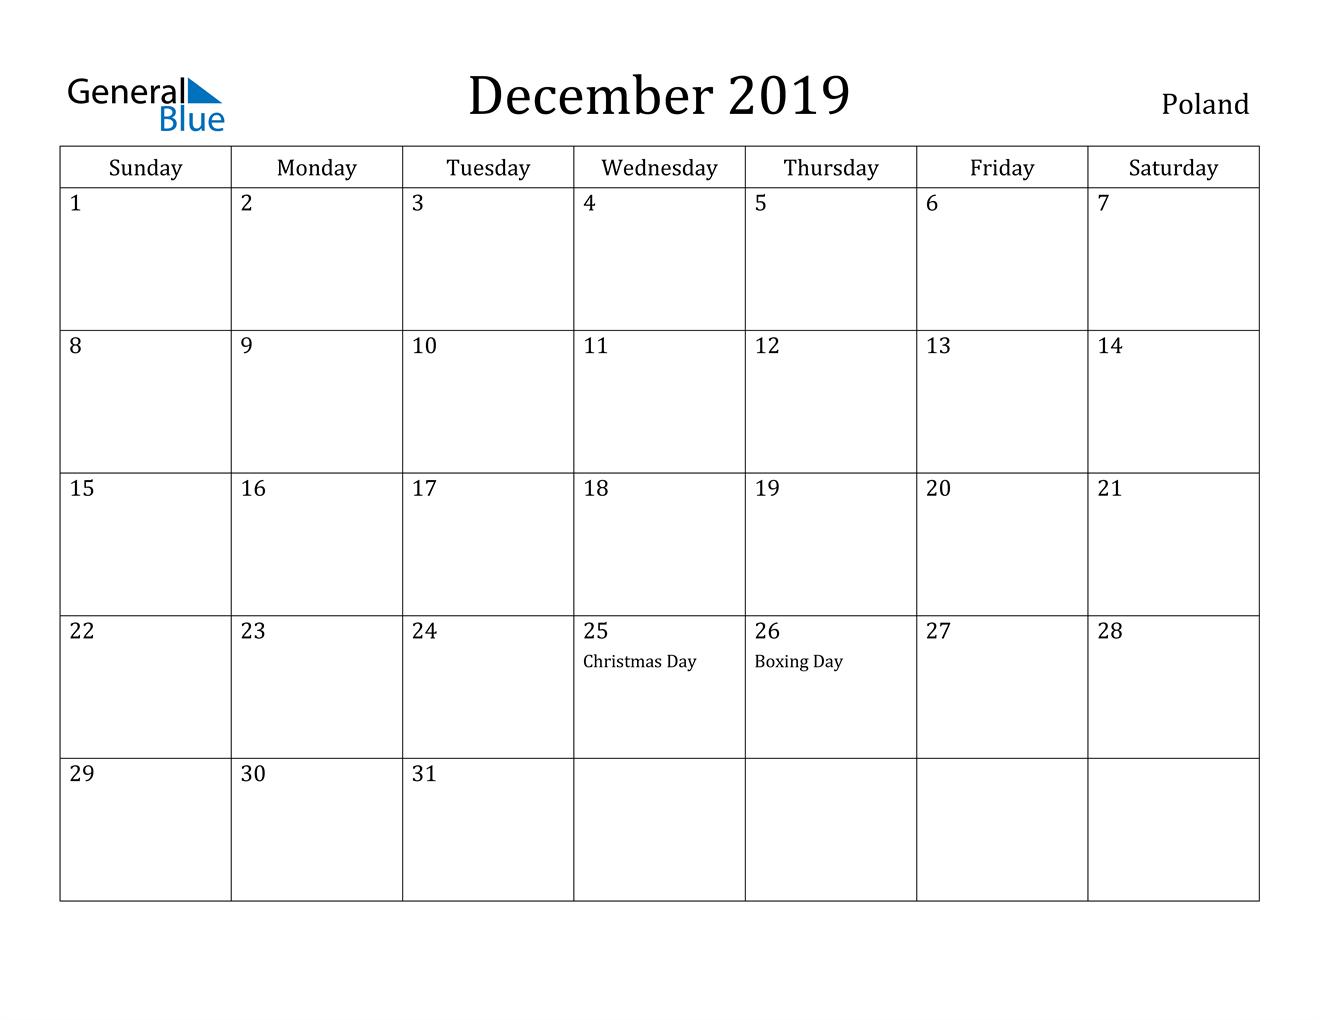 Image of December 2019 Poland Calendar with Holidays Calendar